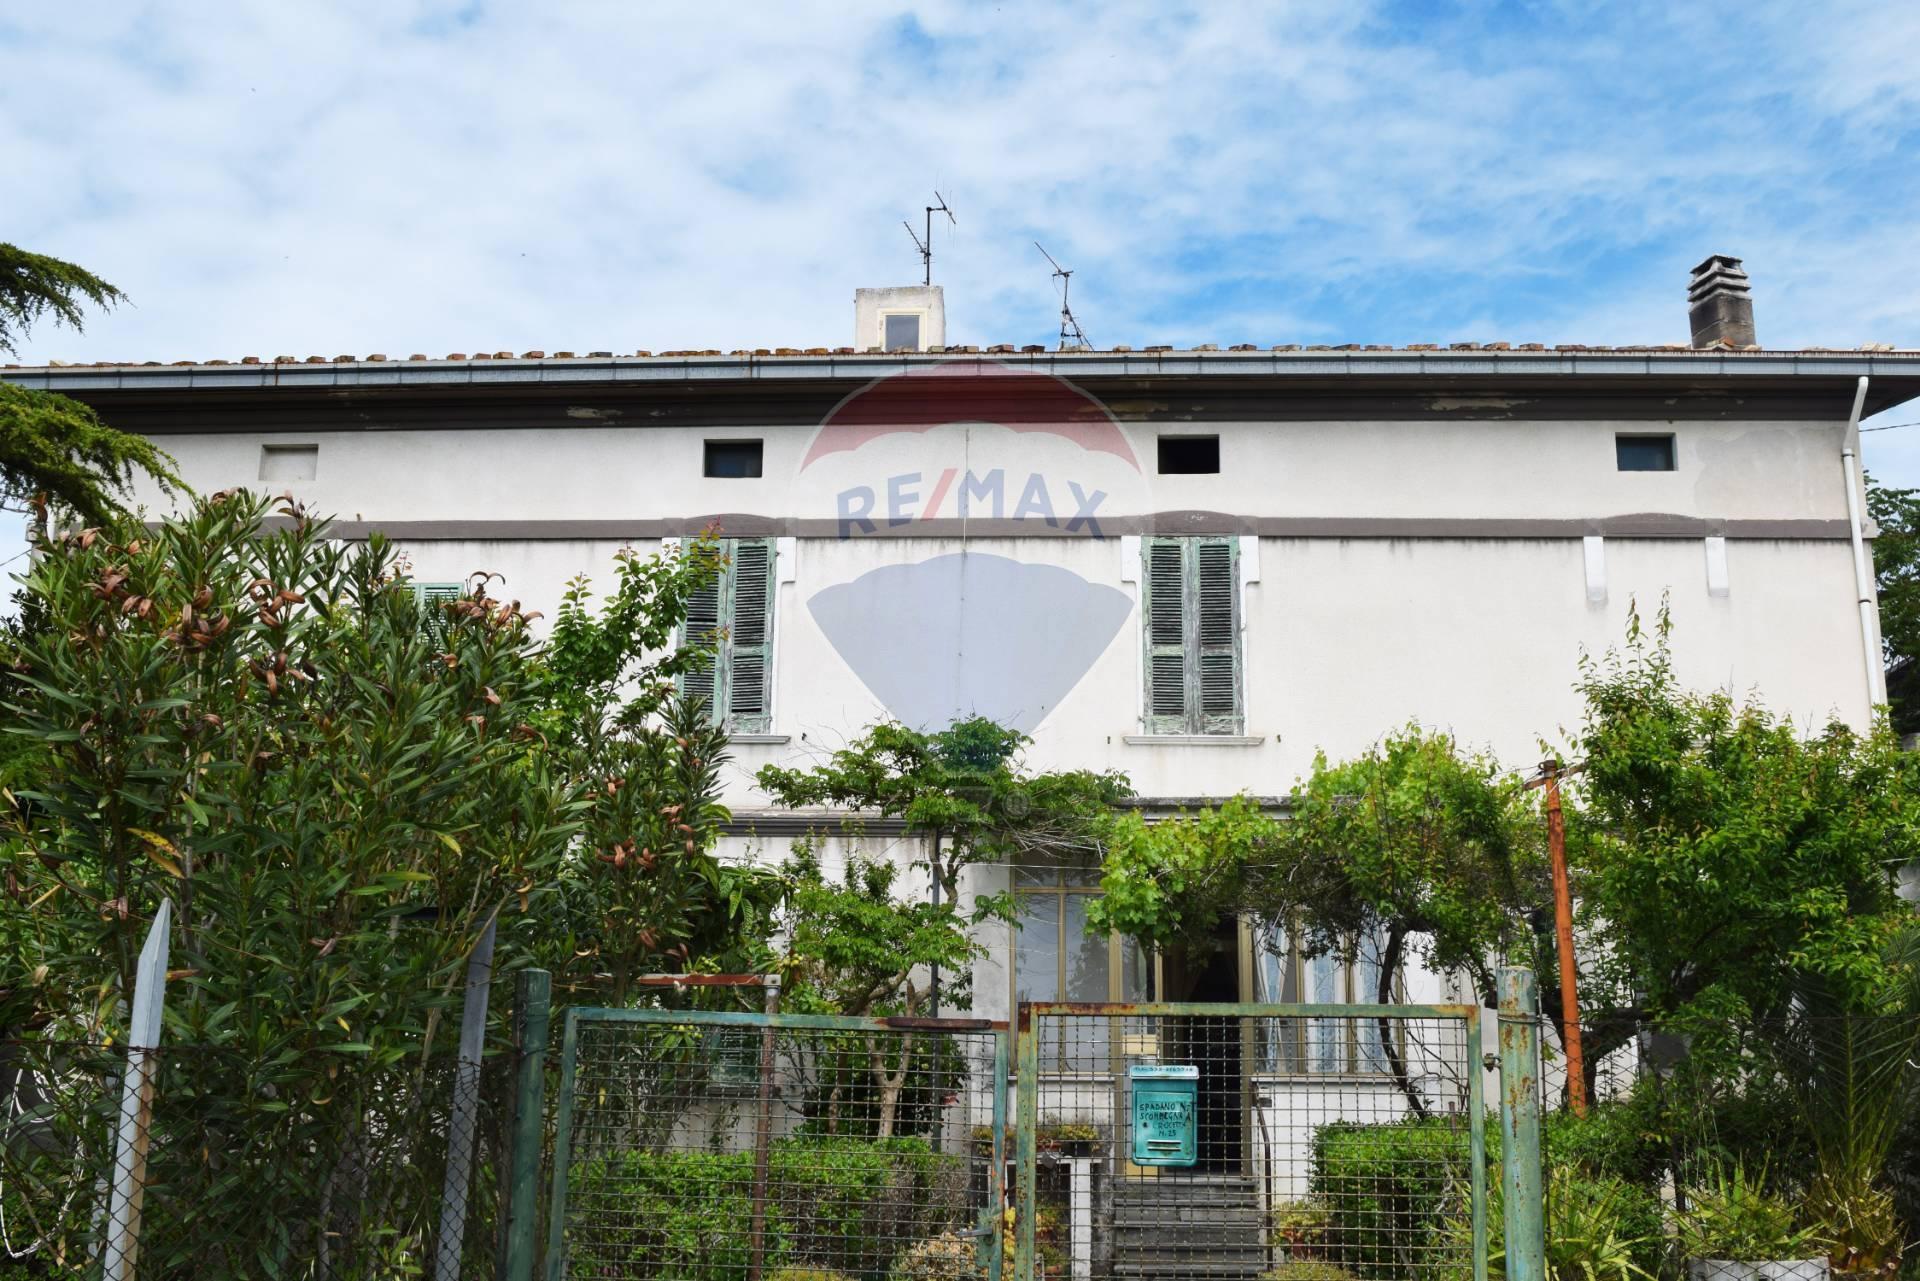 Soluzione Indipendente in vendita a Castel Frentano, 11 locali, prezzo € 90.000   CambioCasa.it